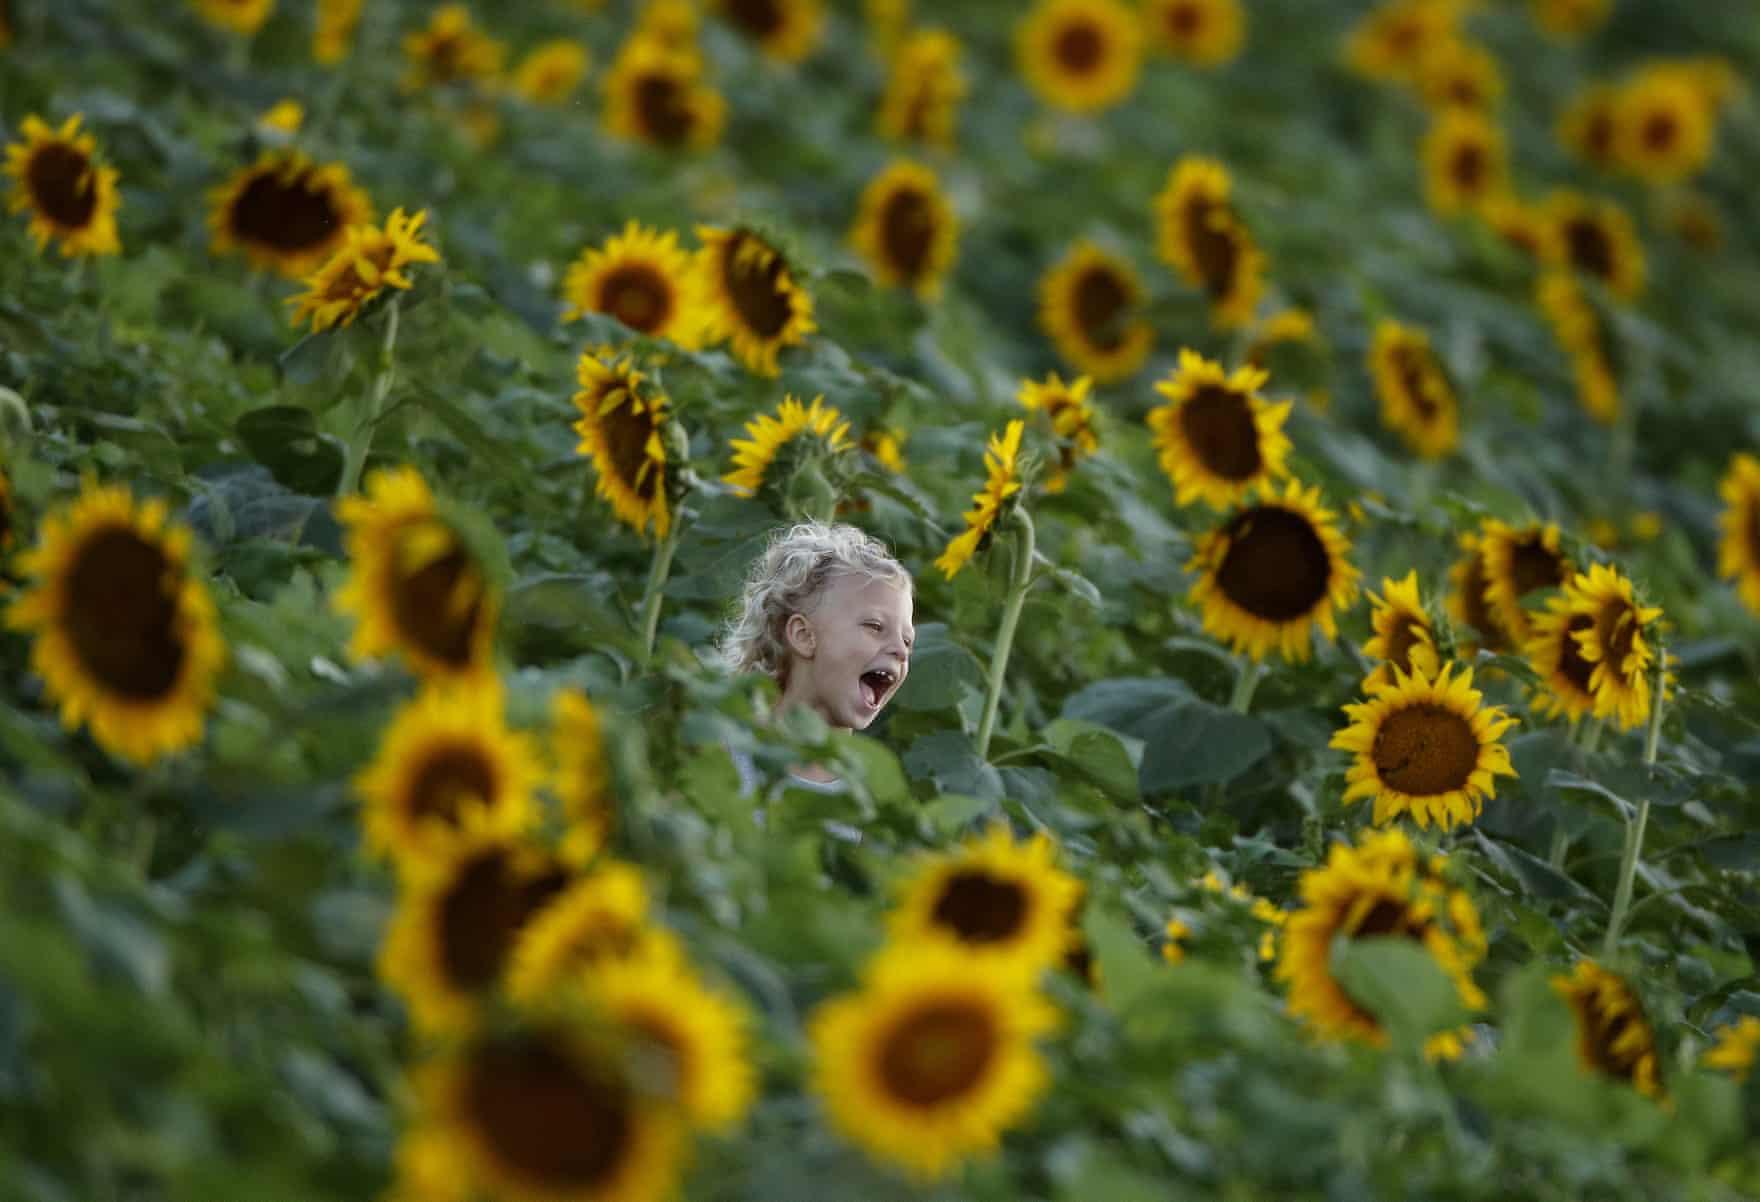 تصاویر روز: از چرت زدن بوریس جانسون در حین رقابتهای کریکت انگلیس و هند تا بزرگترین جشنواره بادبادکها در استرالیا